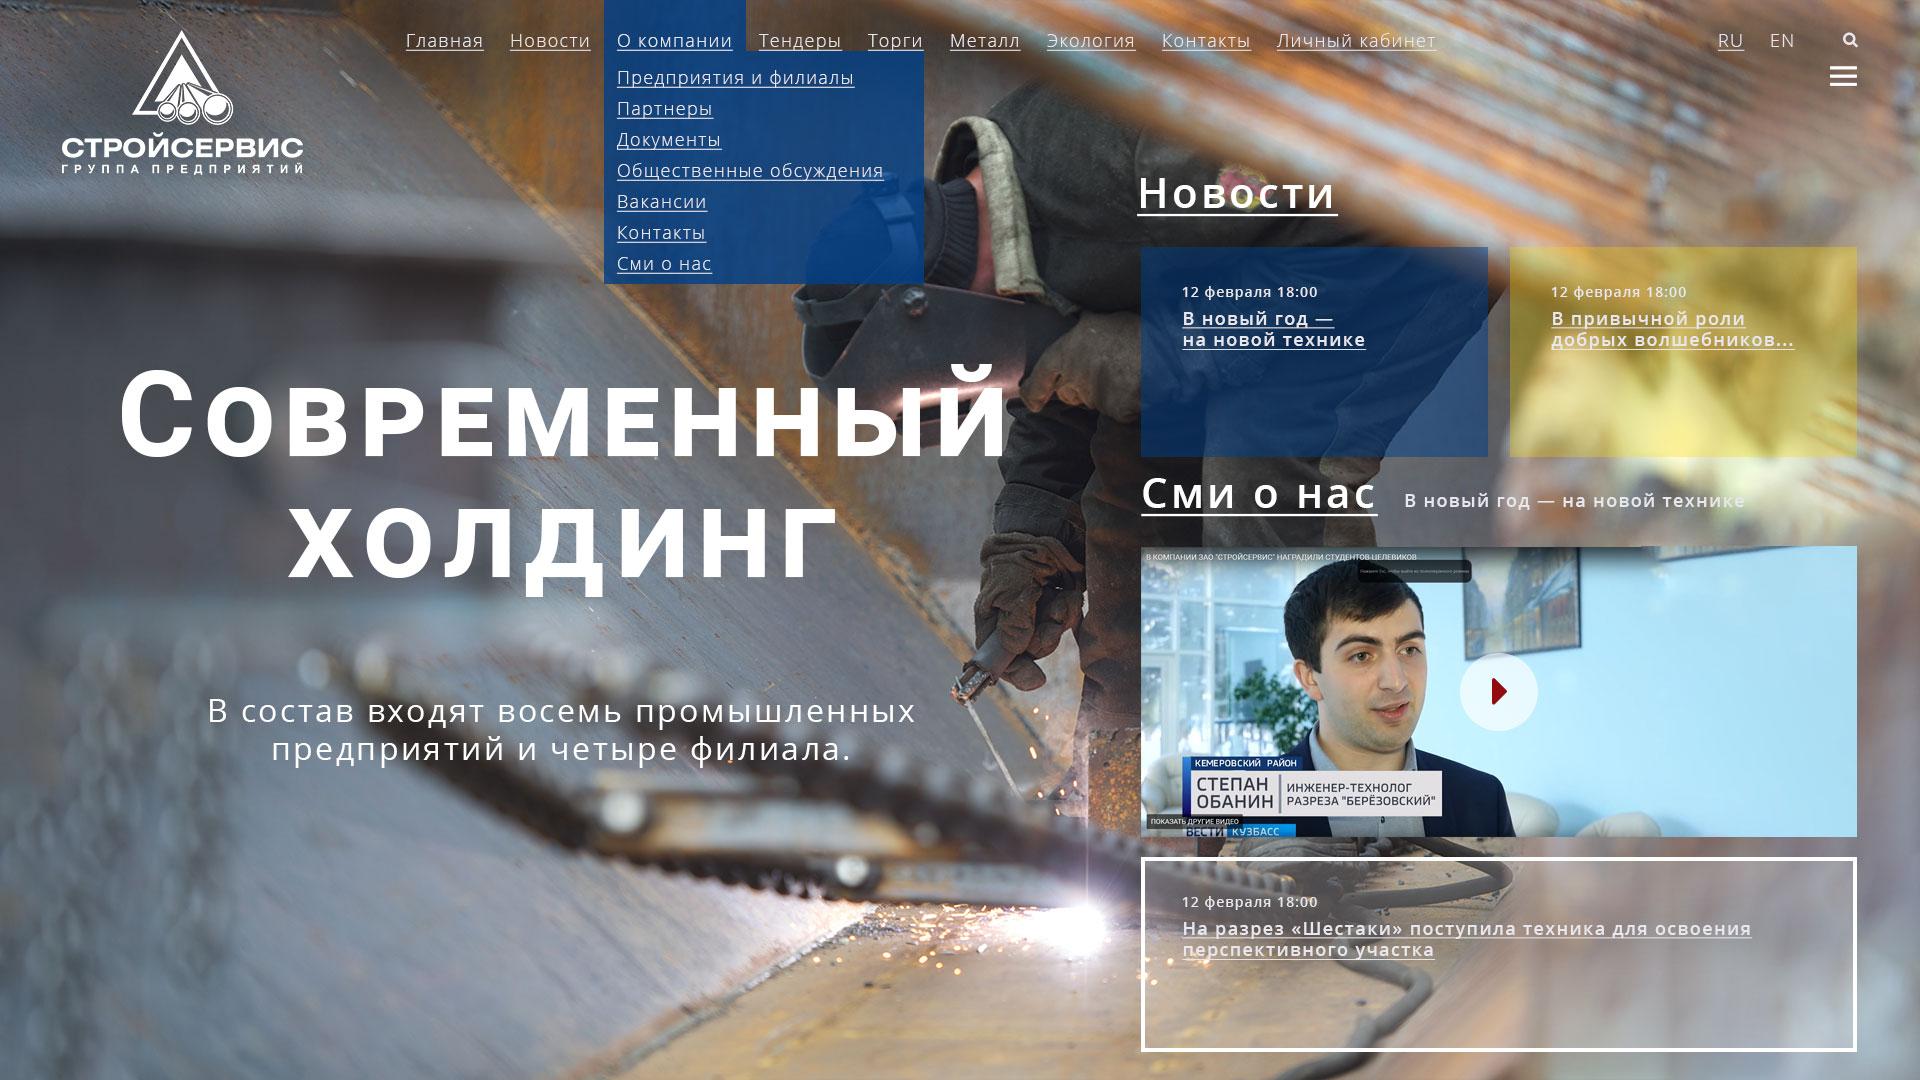 Разработка дизайна сайта угледобывающей компании фото f_8205a8de1755ffdc.jpg